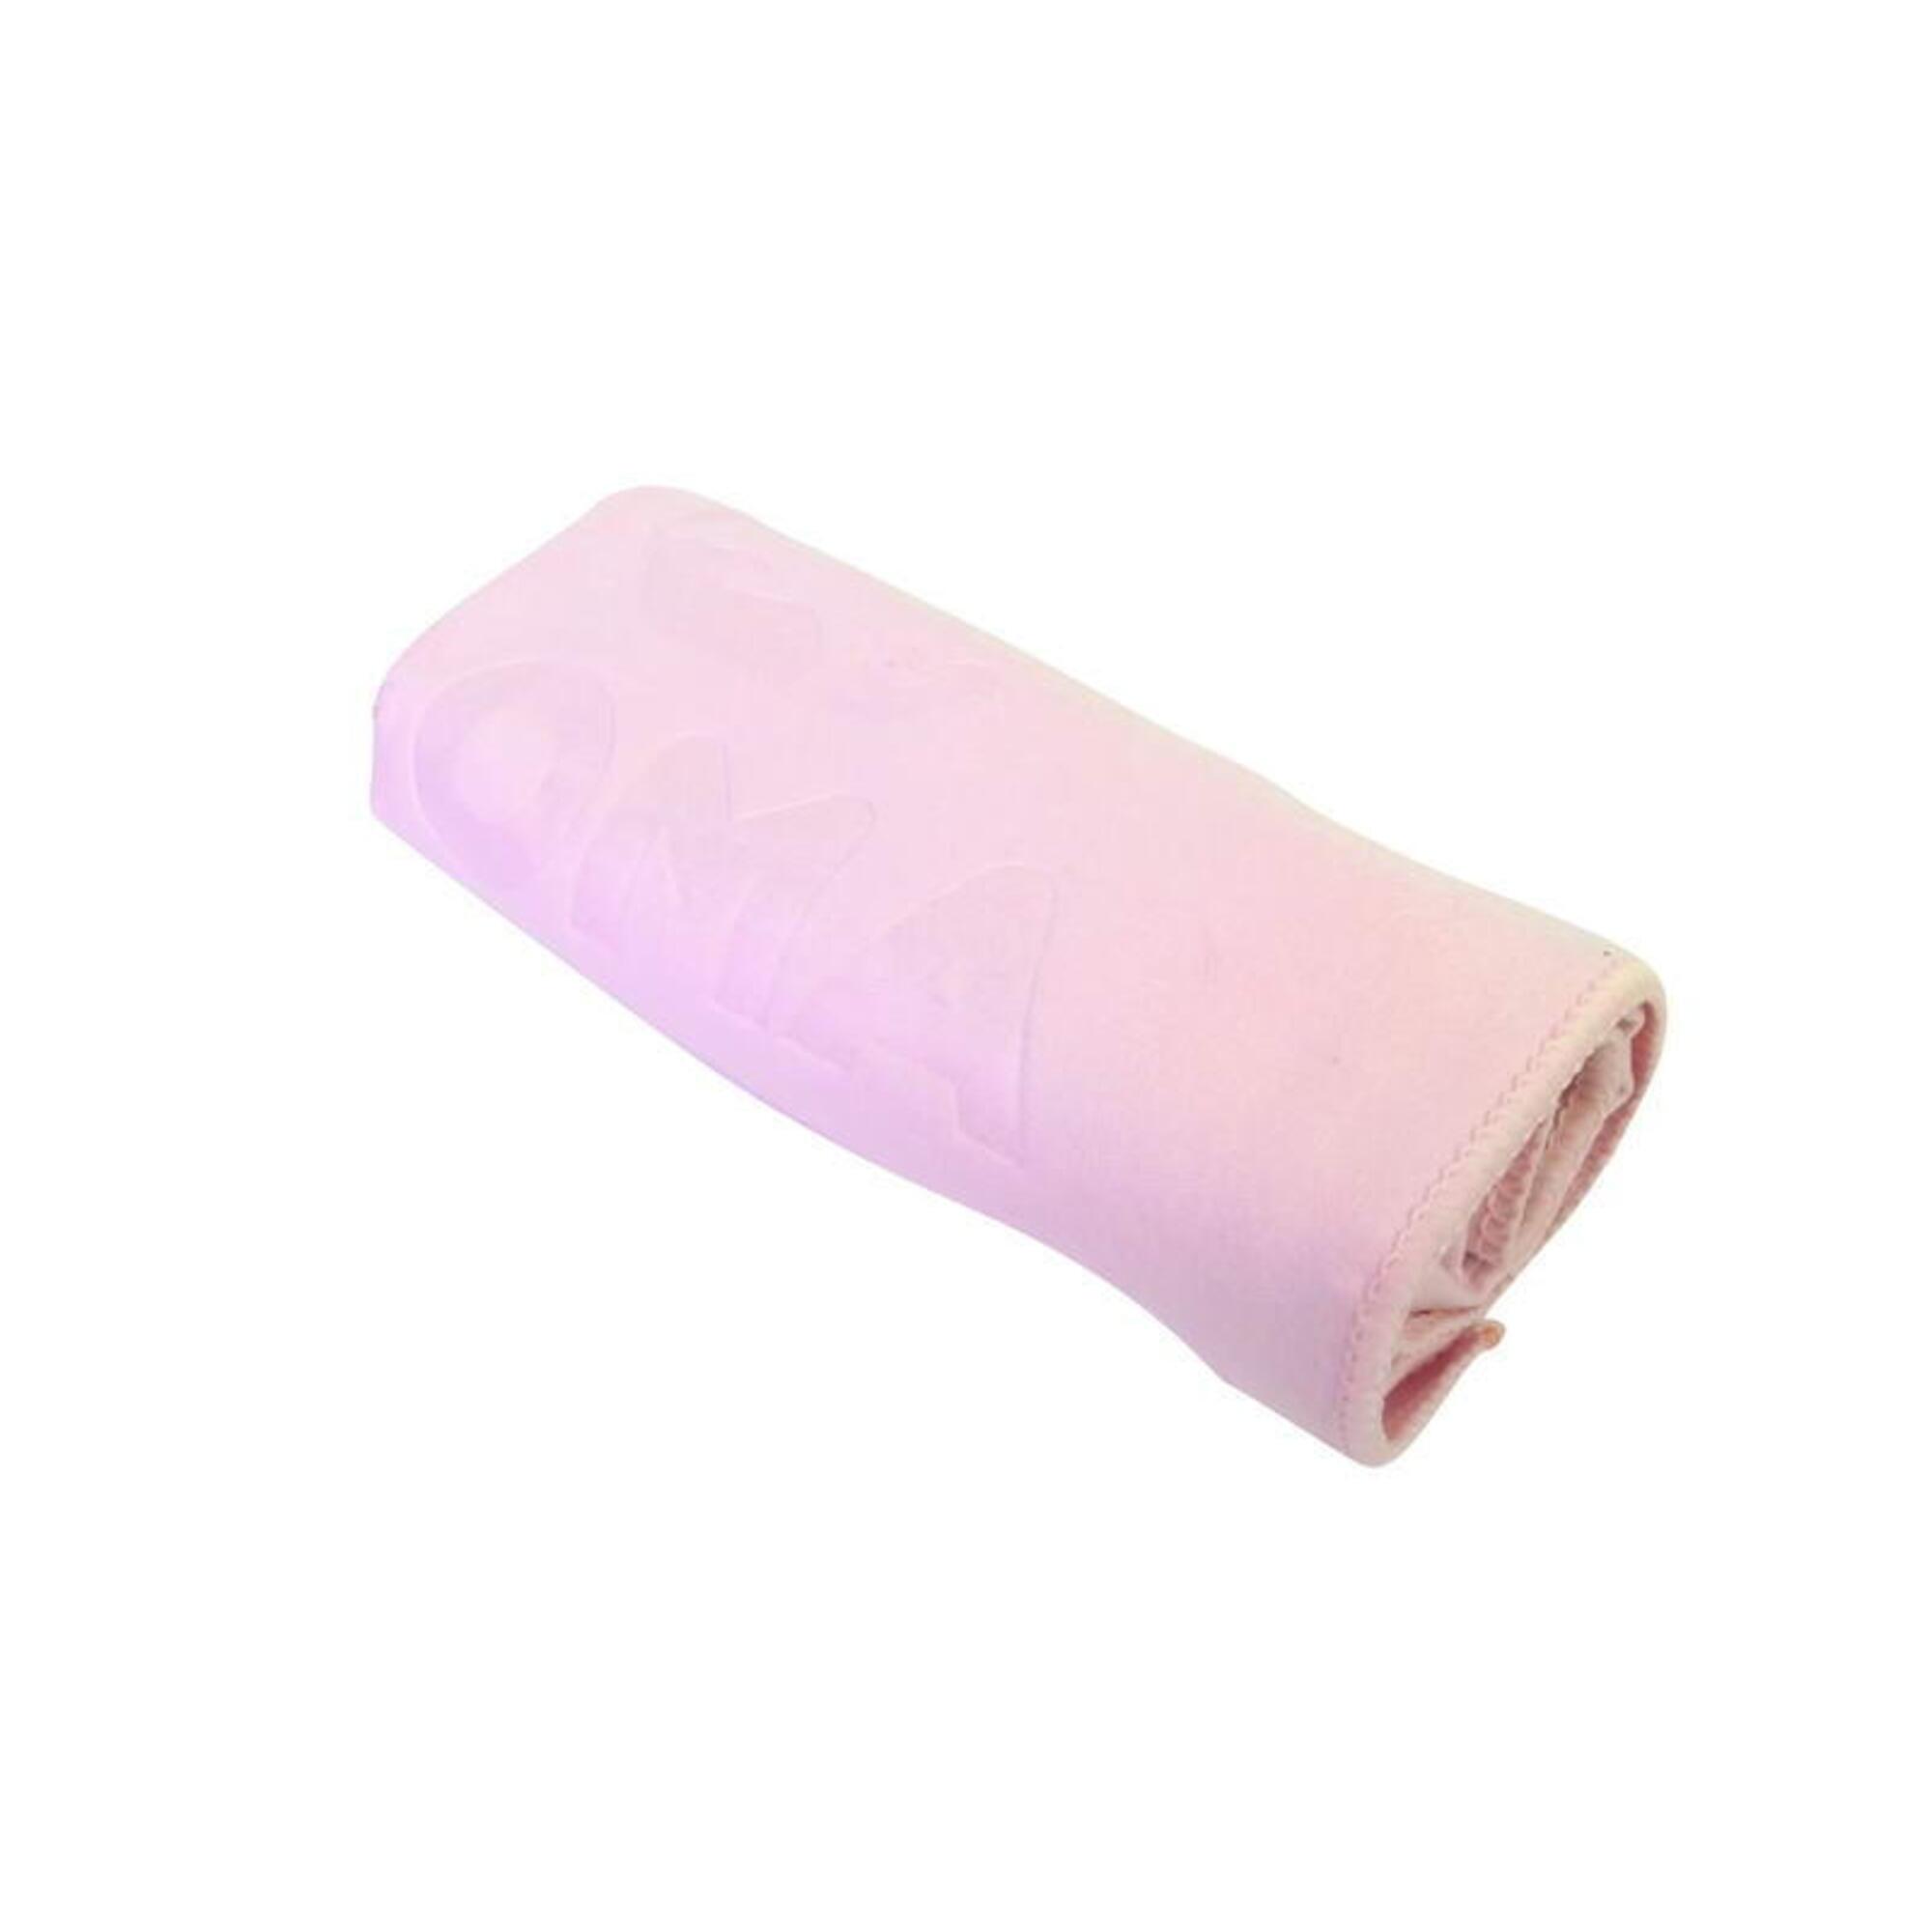 Micro-fiber Sports Towel, Pink